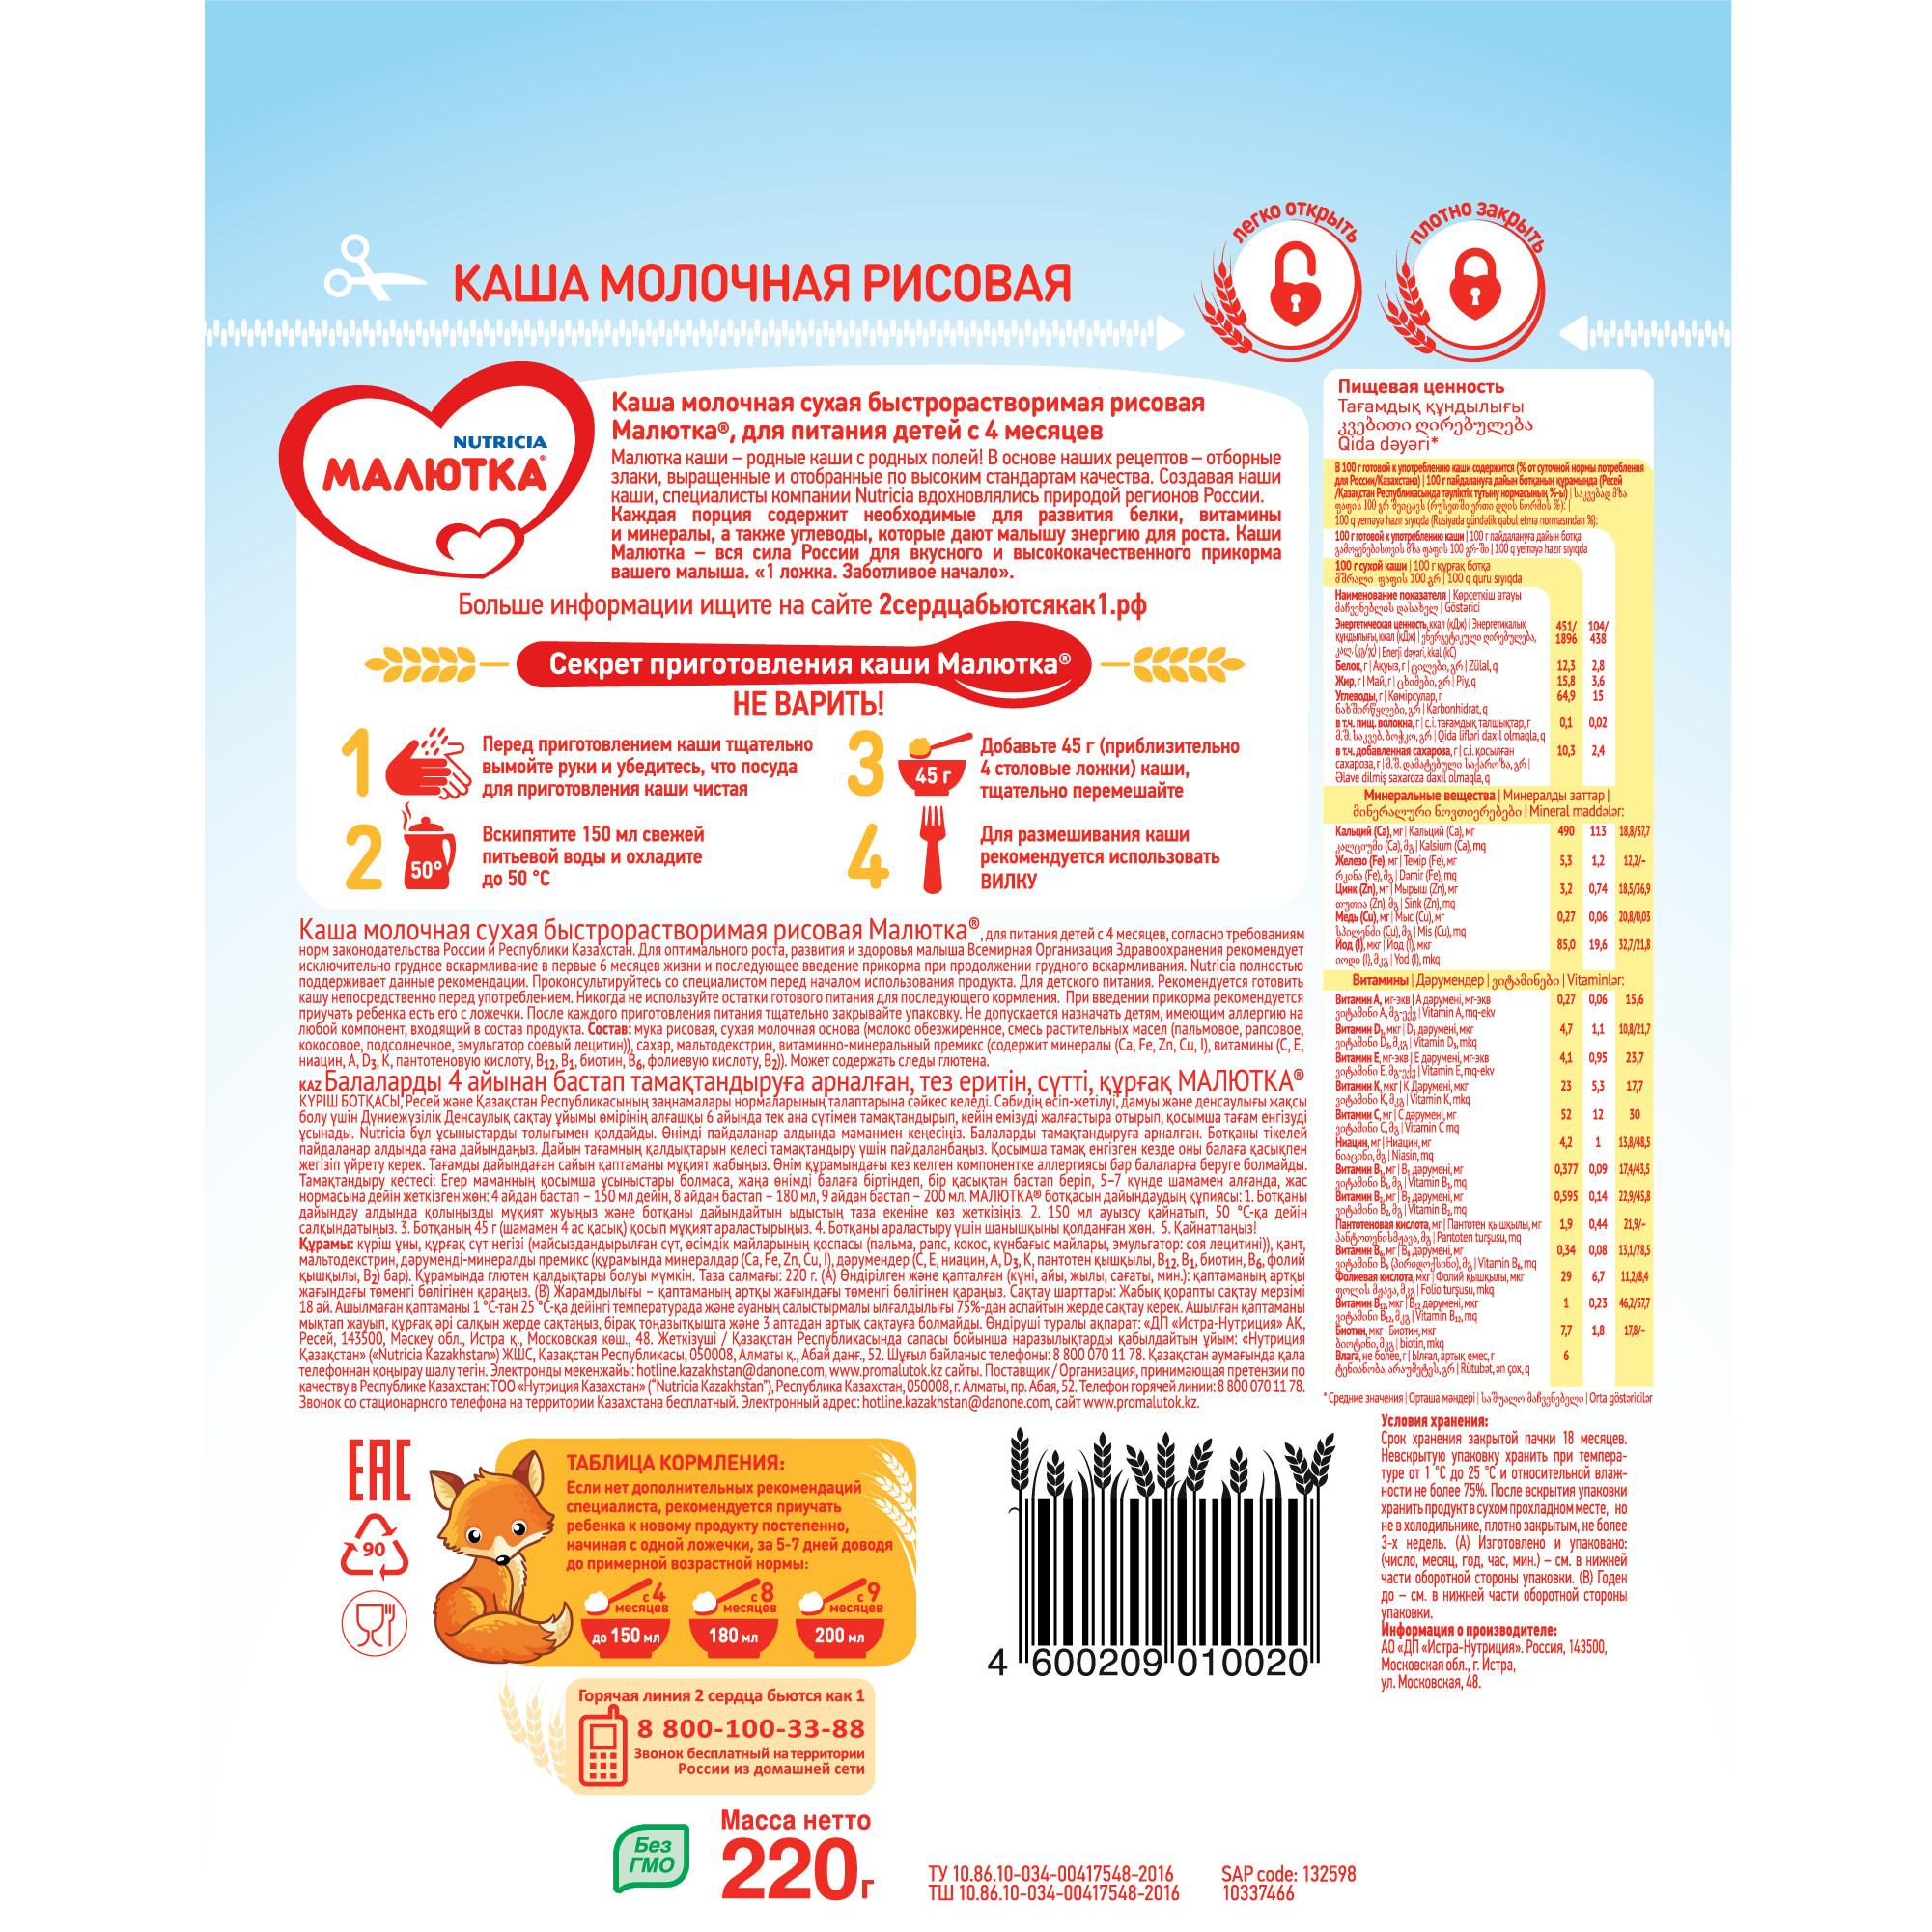 каши малютка каша молочная малютка мультизлаковая с малиной и бананом с 6 мес 220 г Каша Nutricia Малютка (Nutricia) Молочная рисовая (с 4 месяцев) 220 г